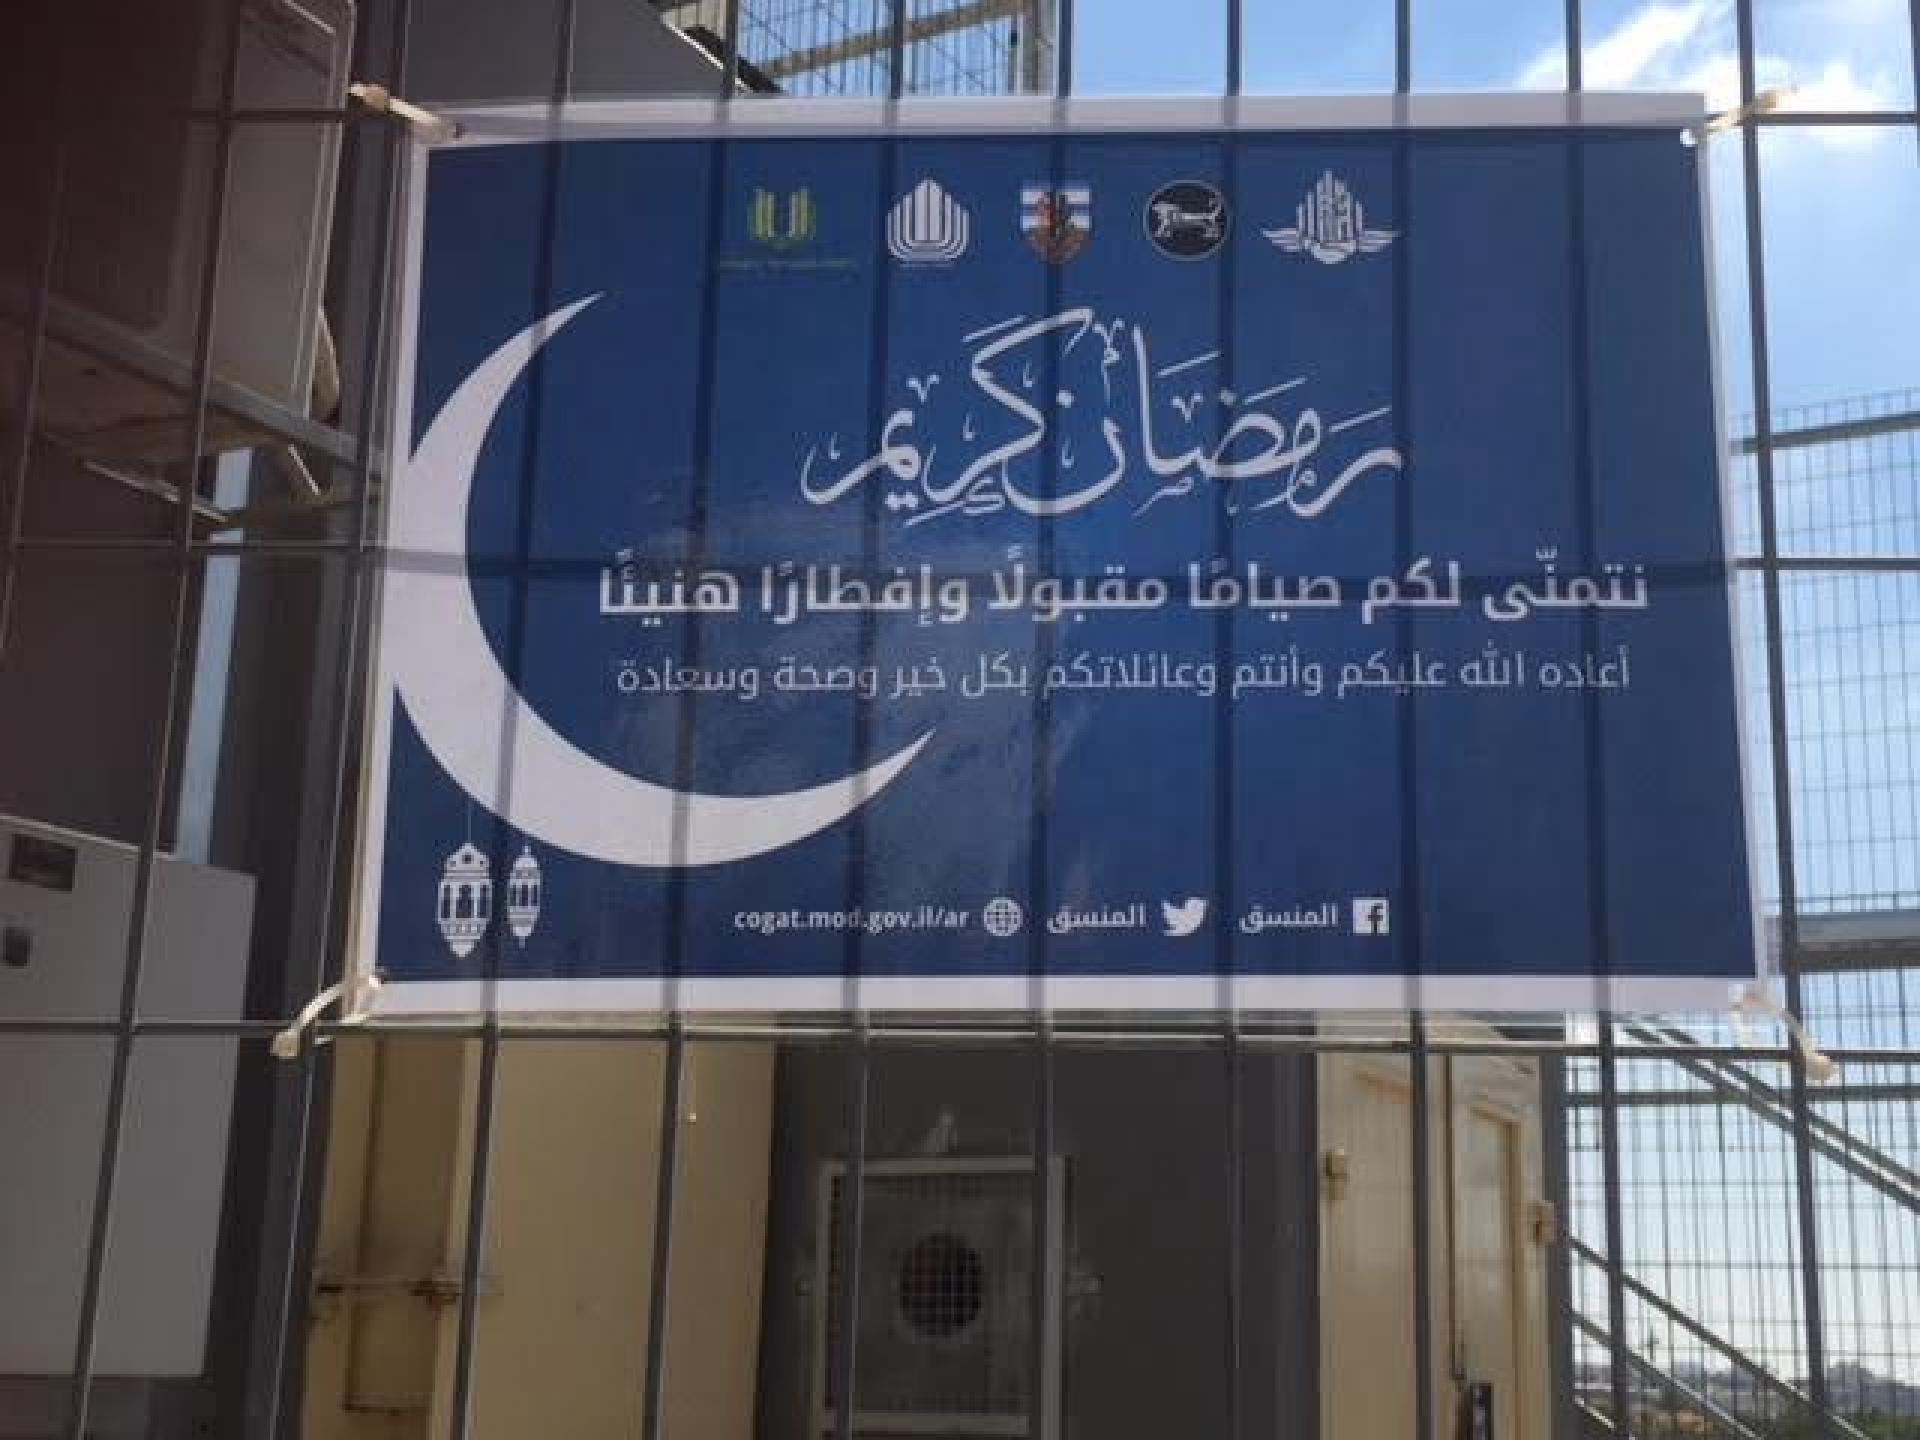 """על כל המחסומים מתנוססת ברכת צה""""ל והשלטונות לרמדאן כרים"""